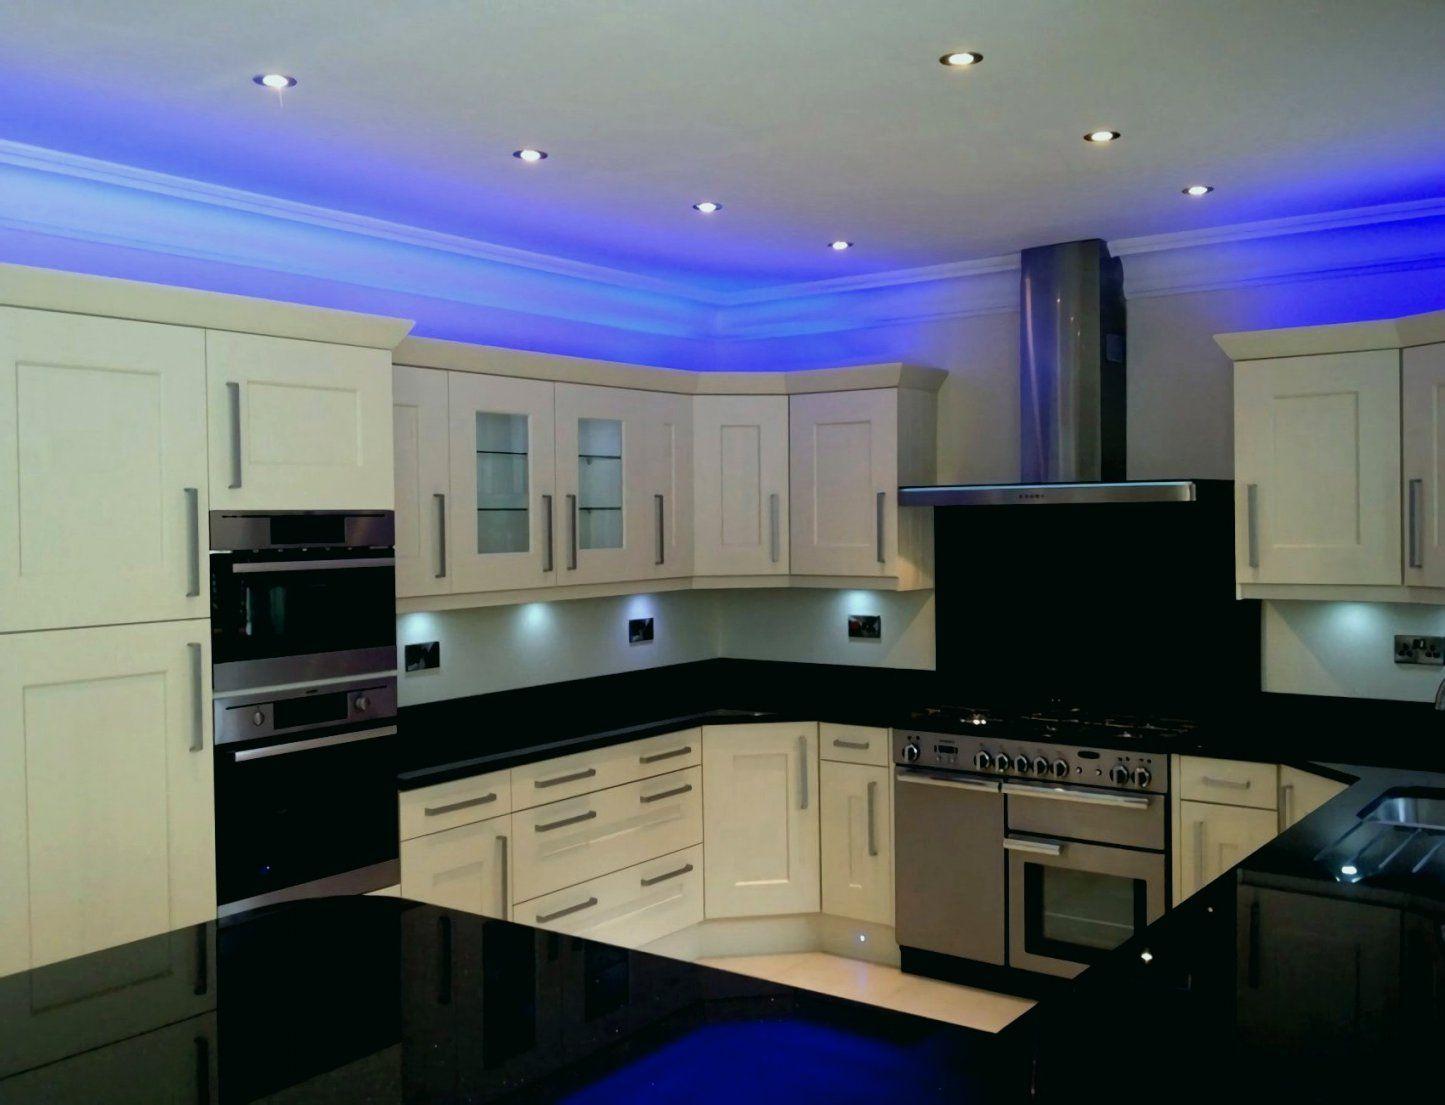 Küchenschrank Unter Beleuchtung | Badezimmer Lampe Indirekt ...